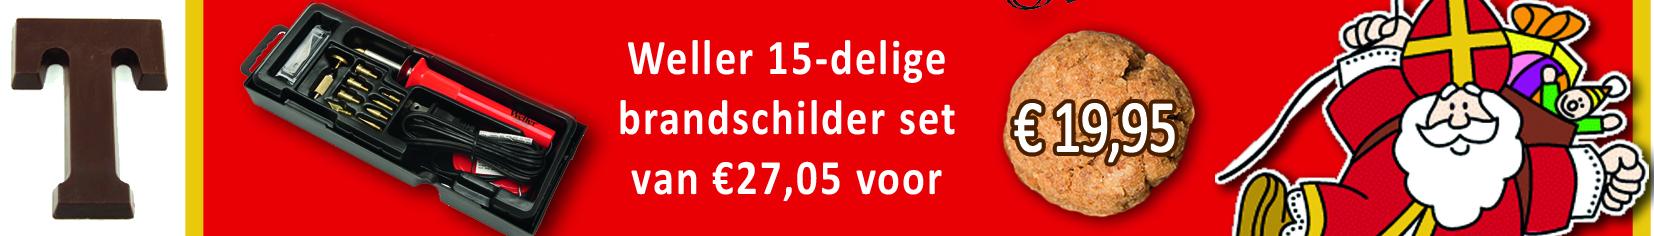 Sinterklaas2015-9